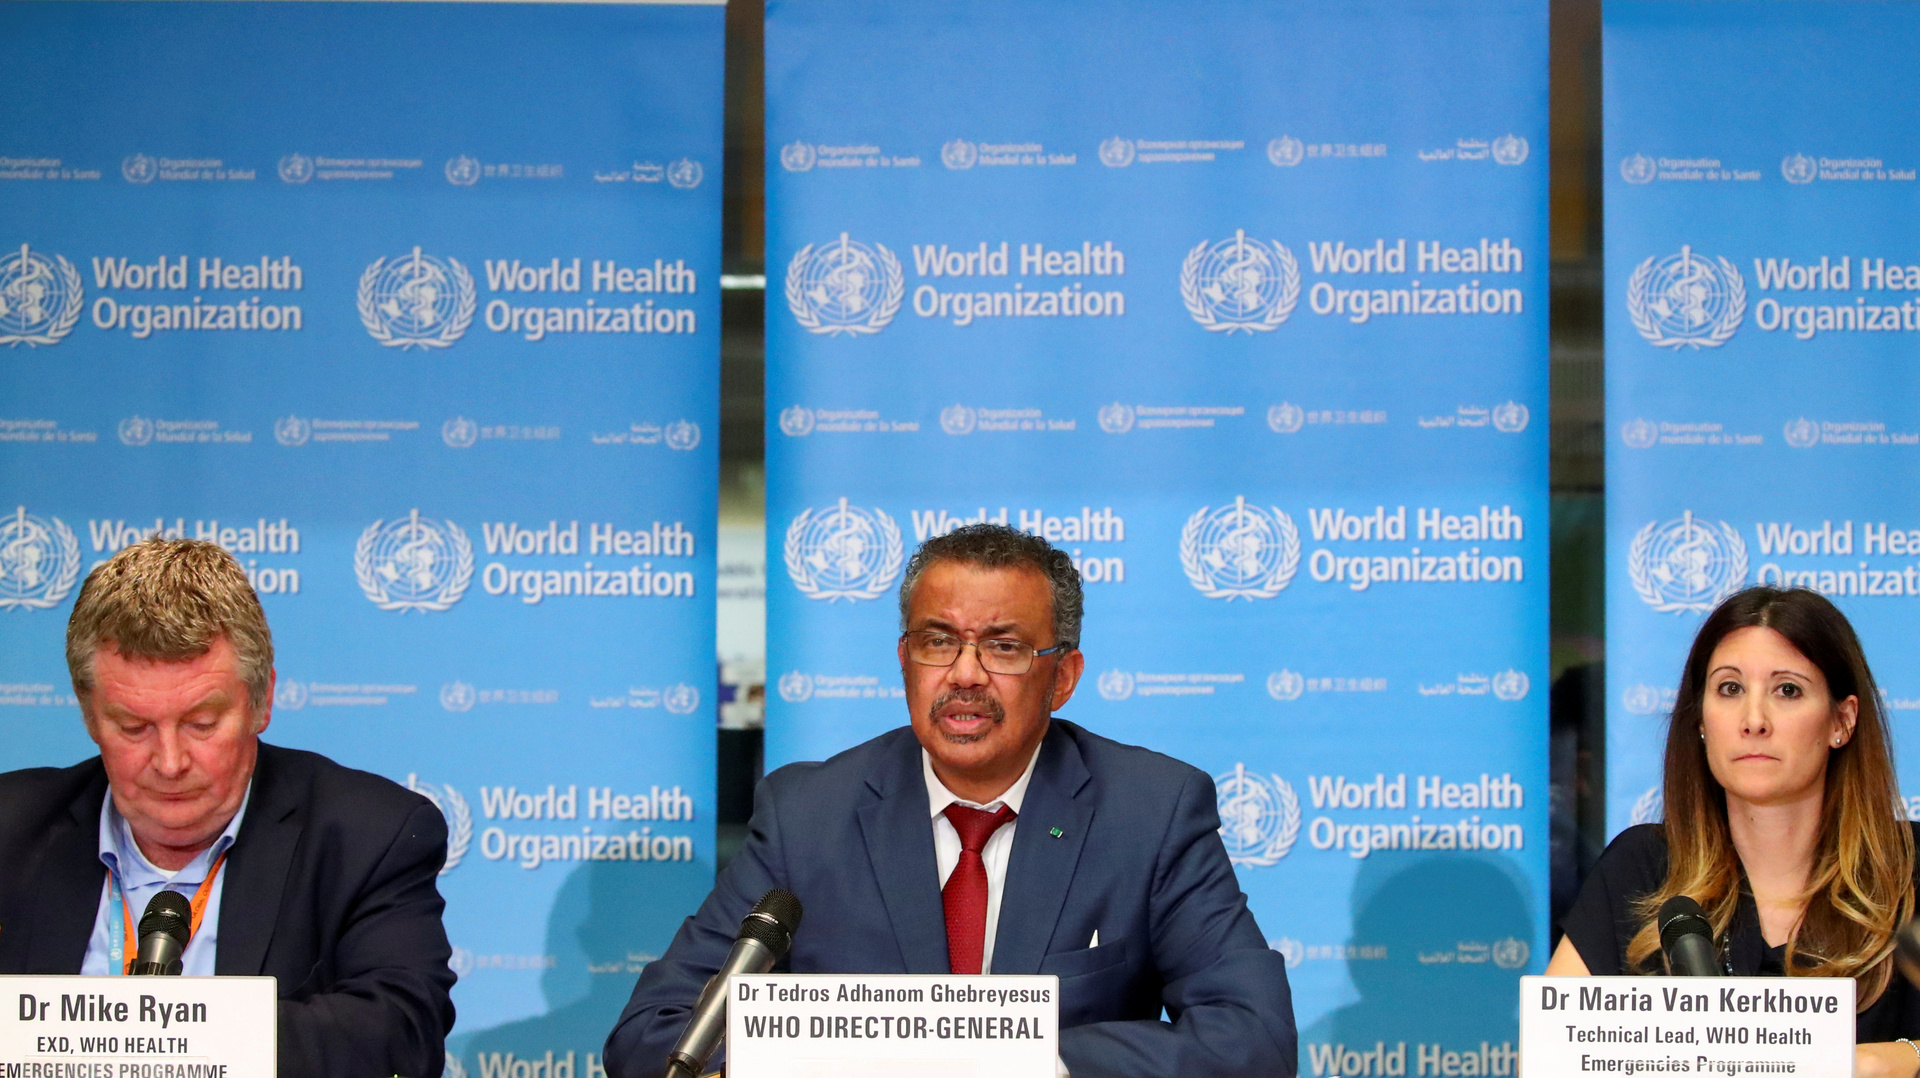 مؤتمر صحفي لمنظمة الصحة العالمية حول جائحة فيروس كورونا.